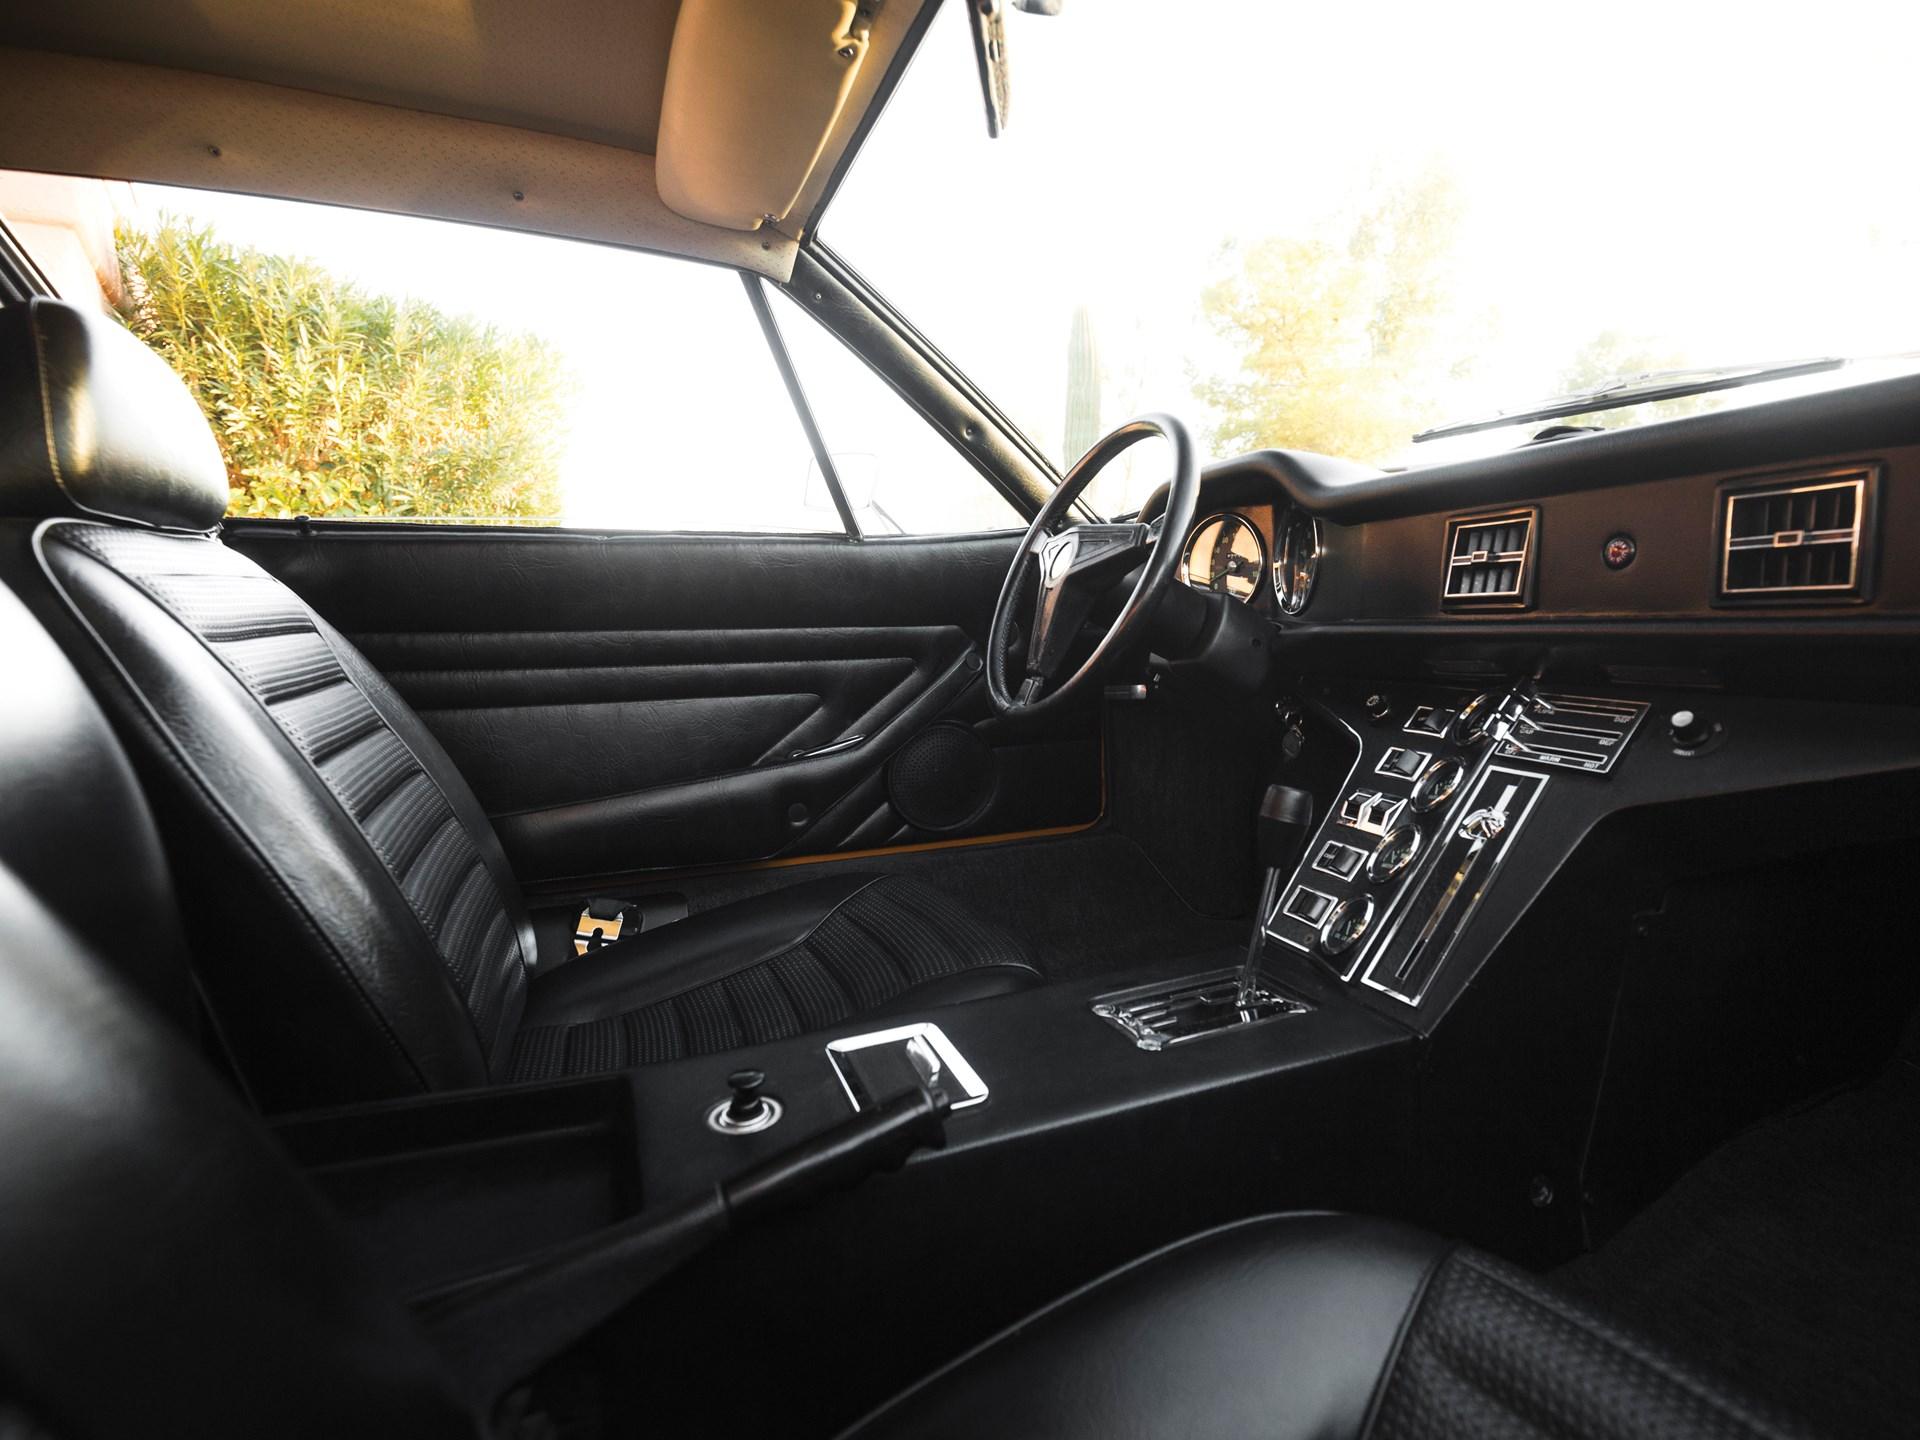 1973 De Tomaso Pantera interior passenger